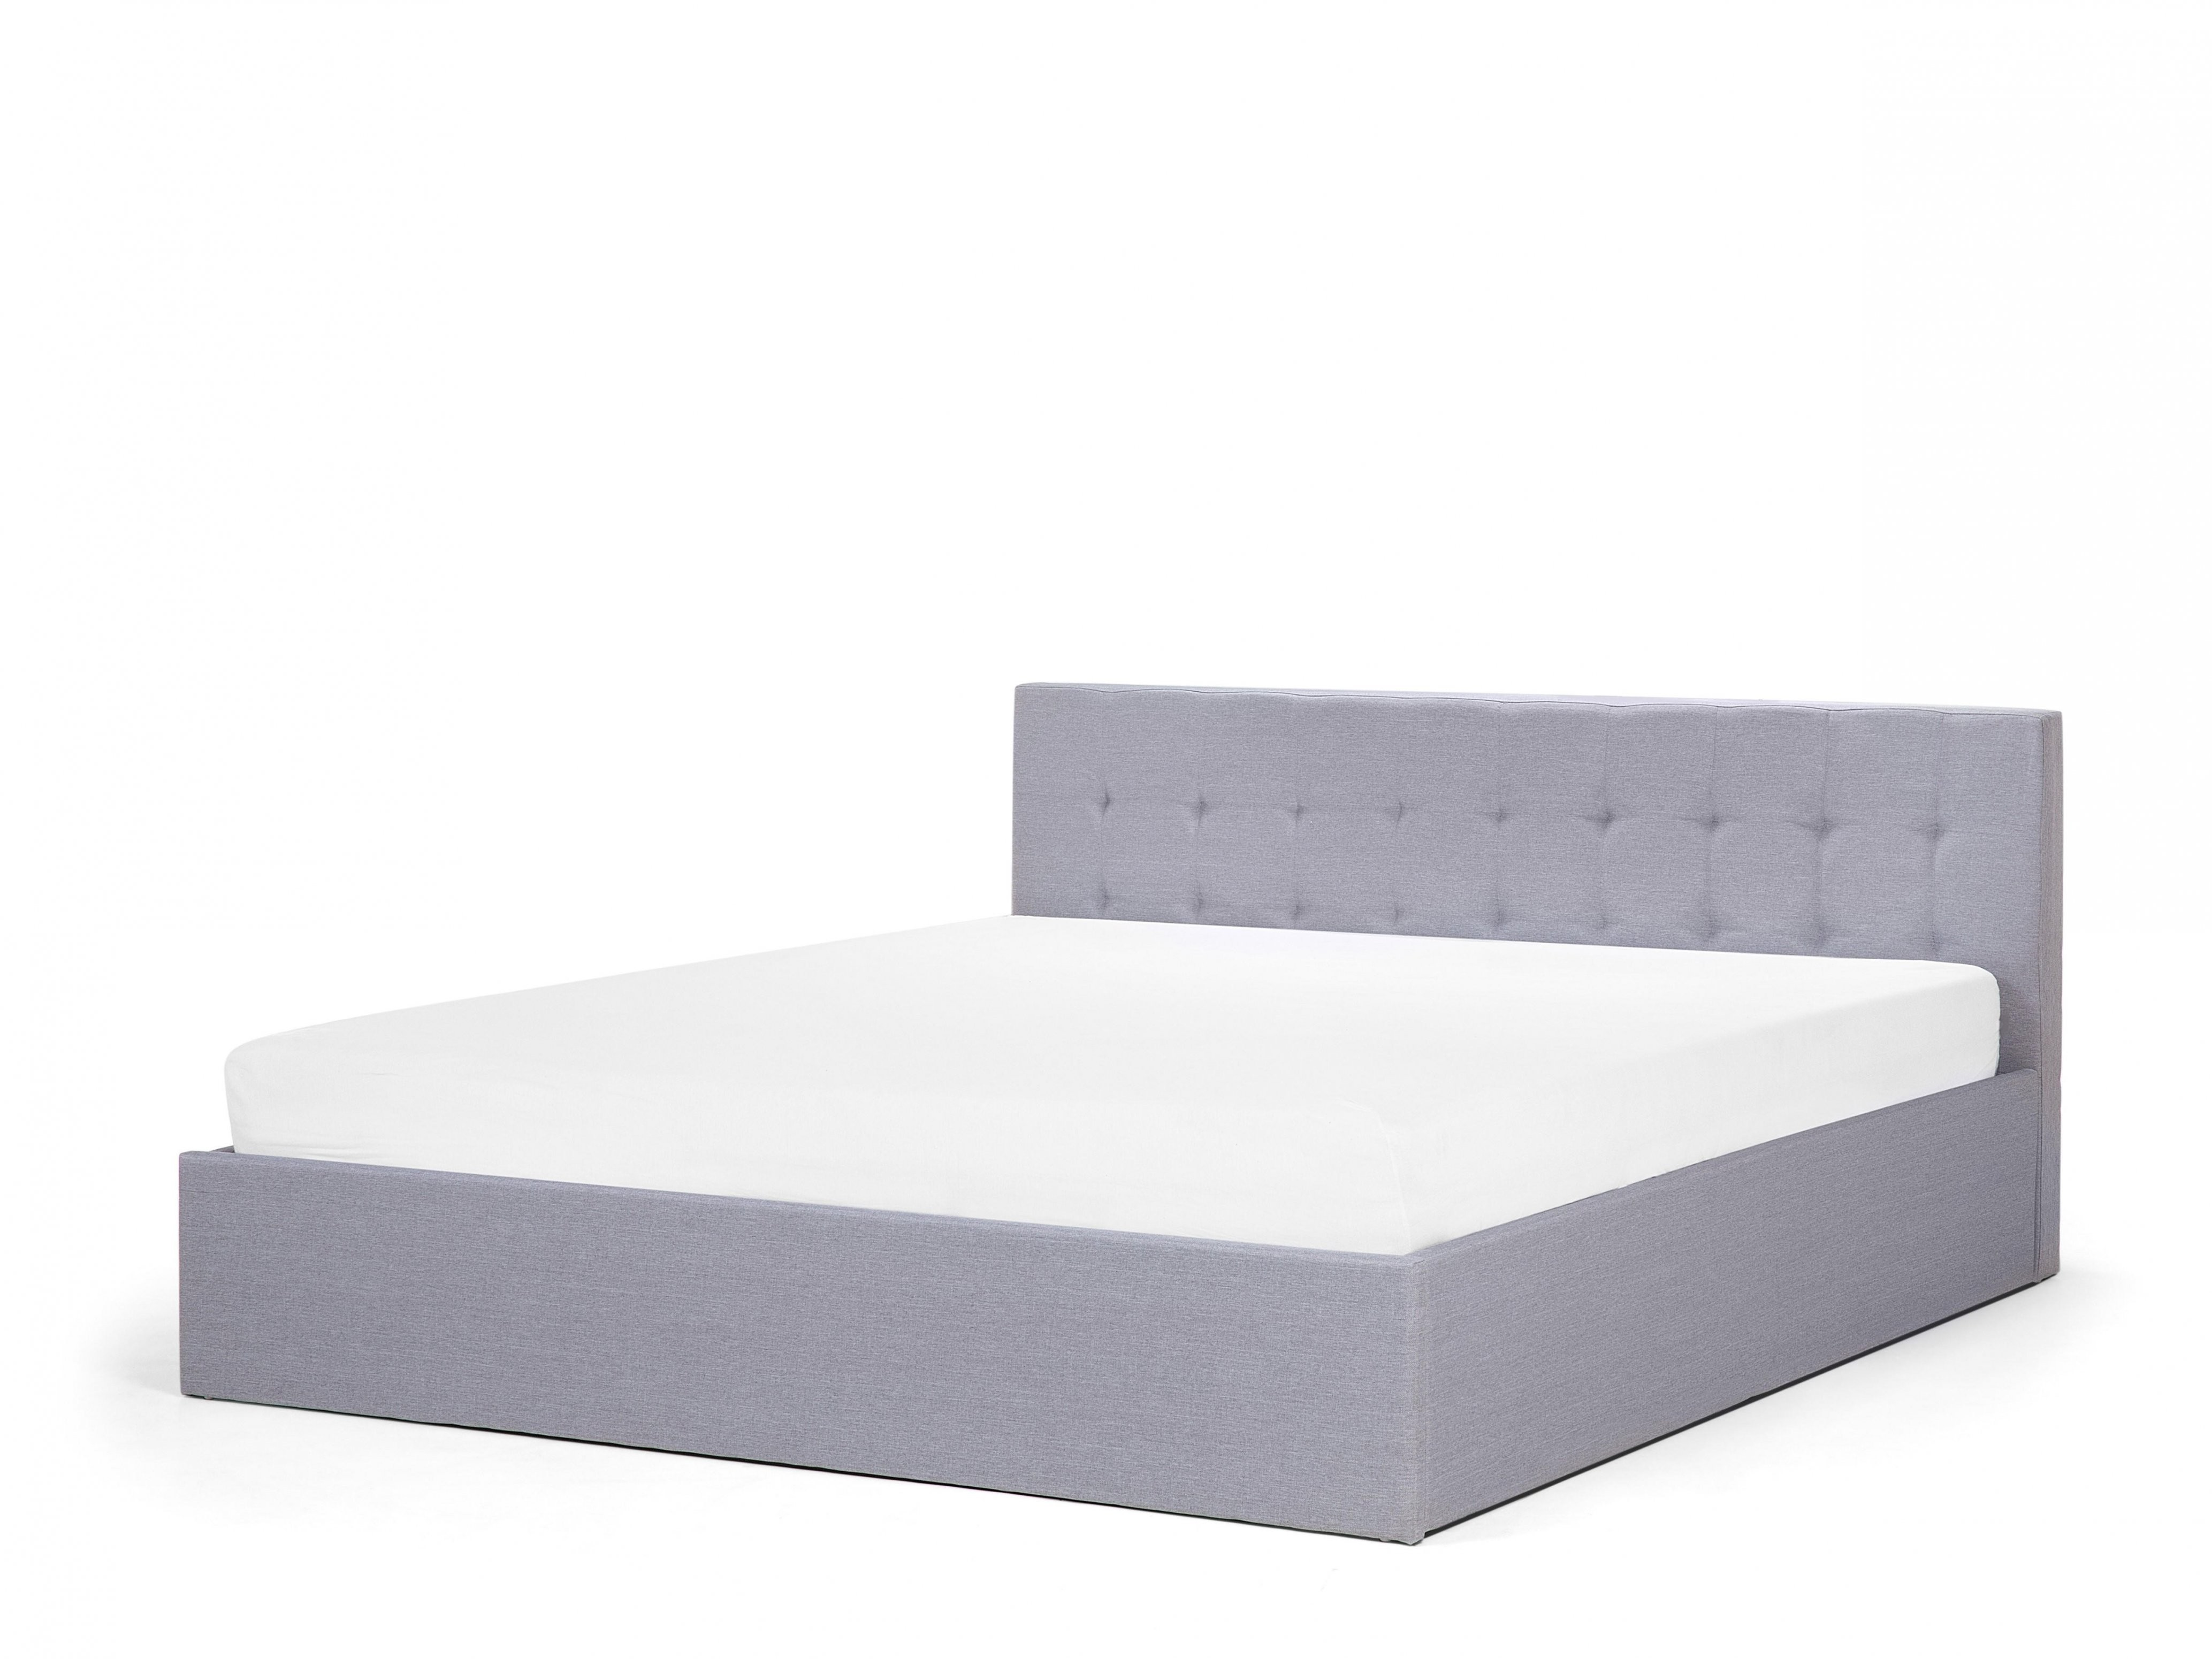 Schön Bett 140×200 Mit Matratze Und Lattenrost Und Bettkasten von Betten Billiger Mit Rost Und Matratze Bis 200 Bild